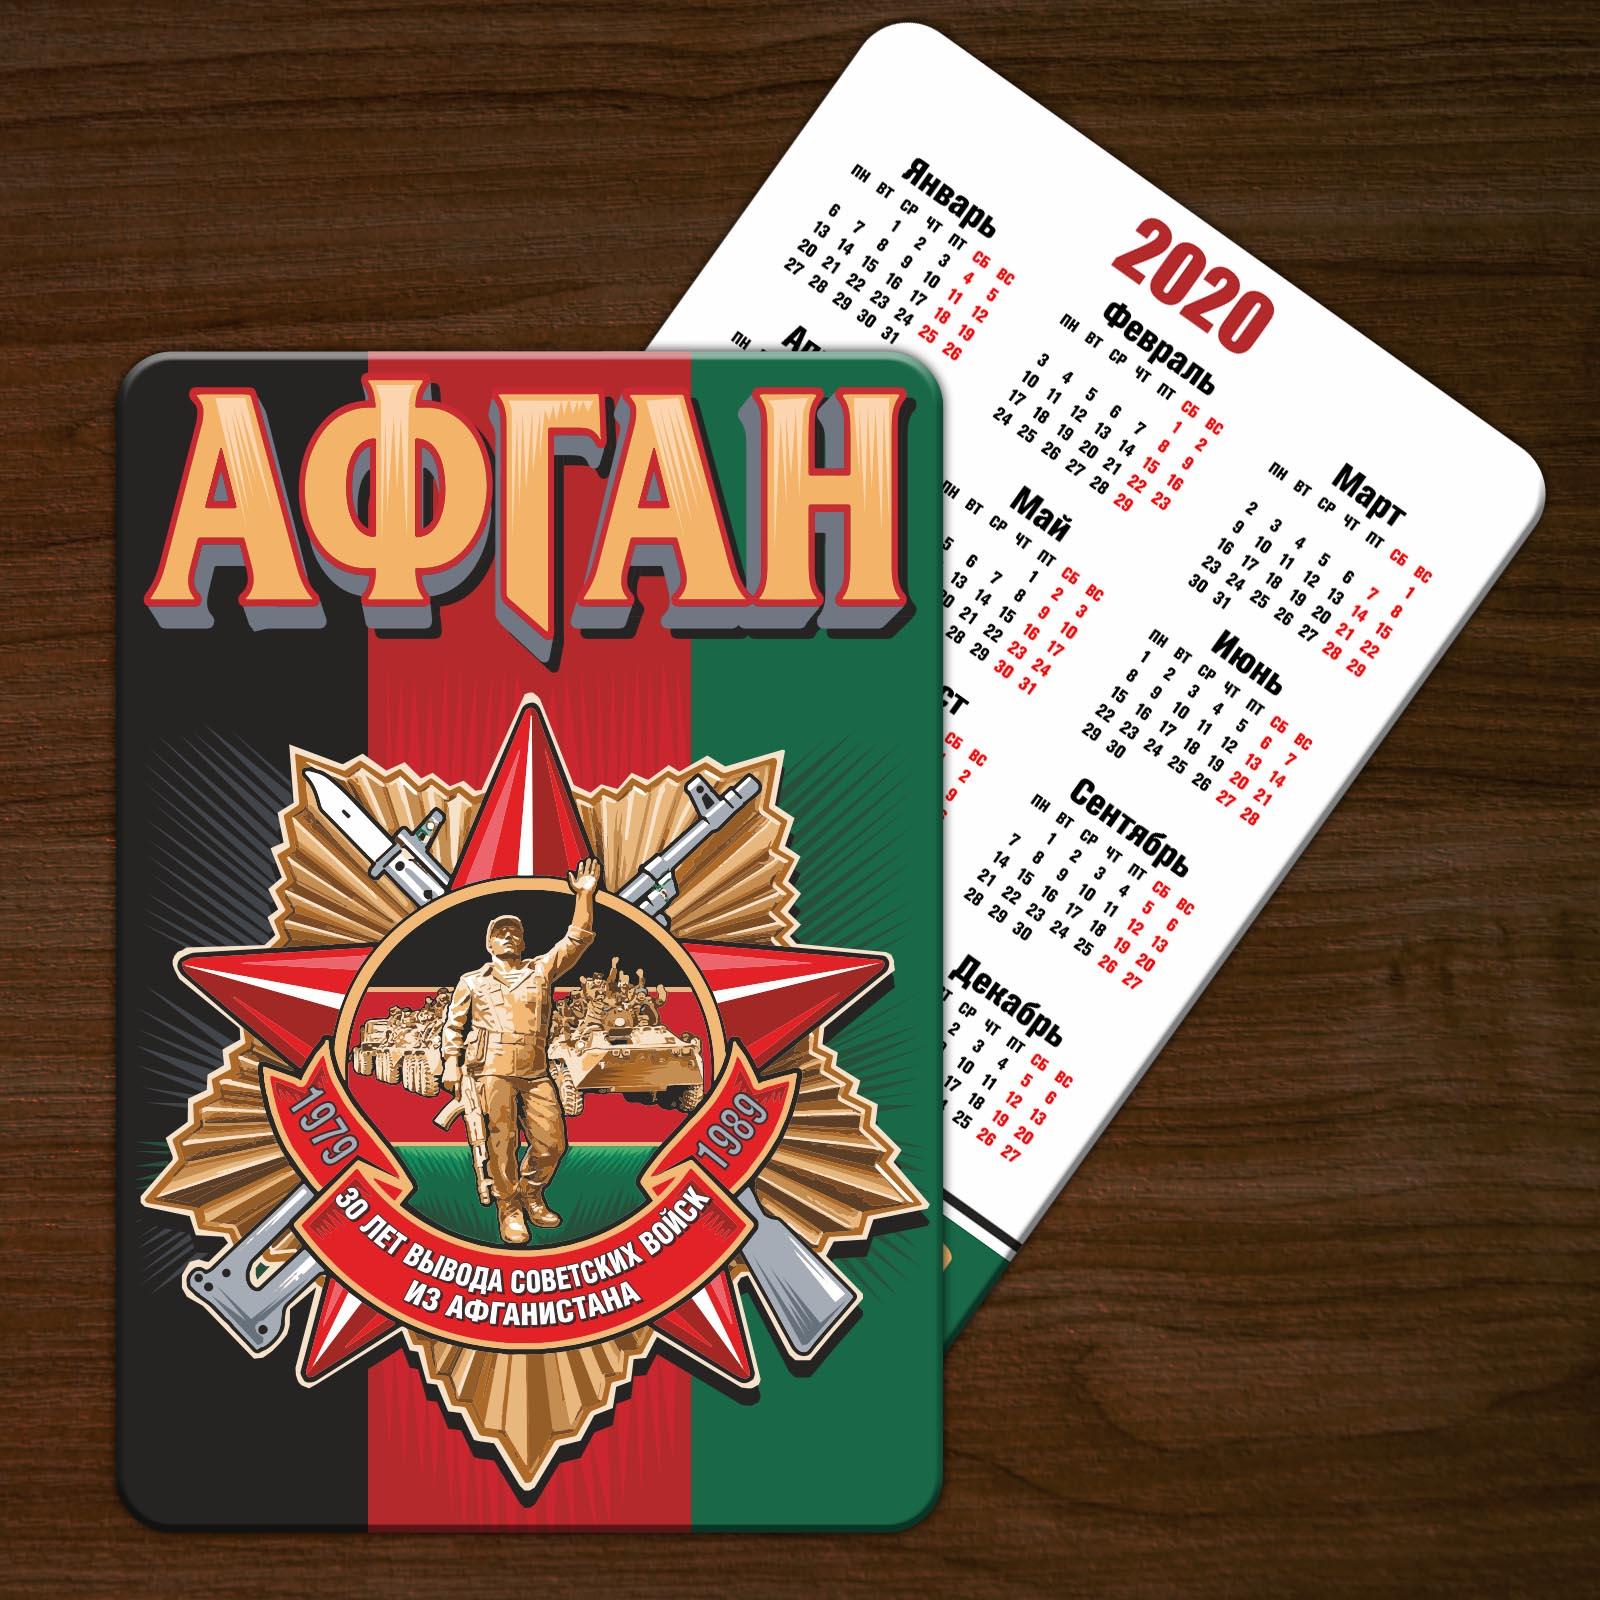 Сувенирный календарик для ветеранов Афгана (2020 год, 2019 год)